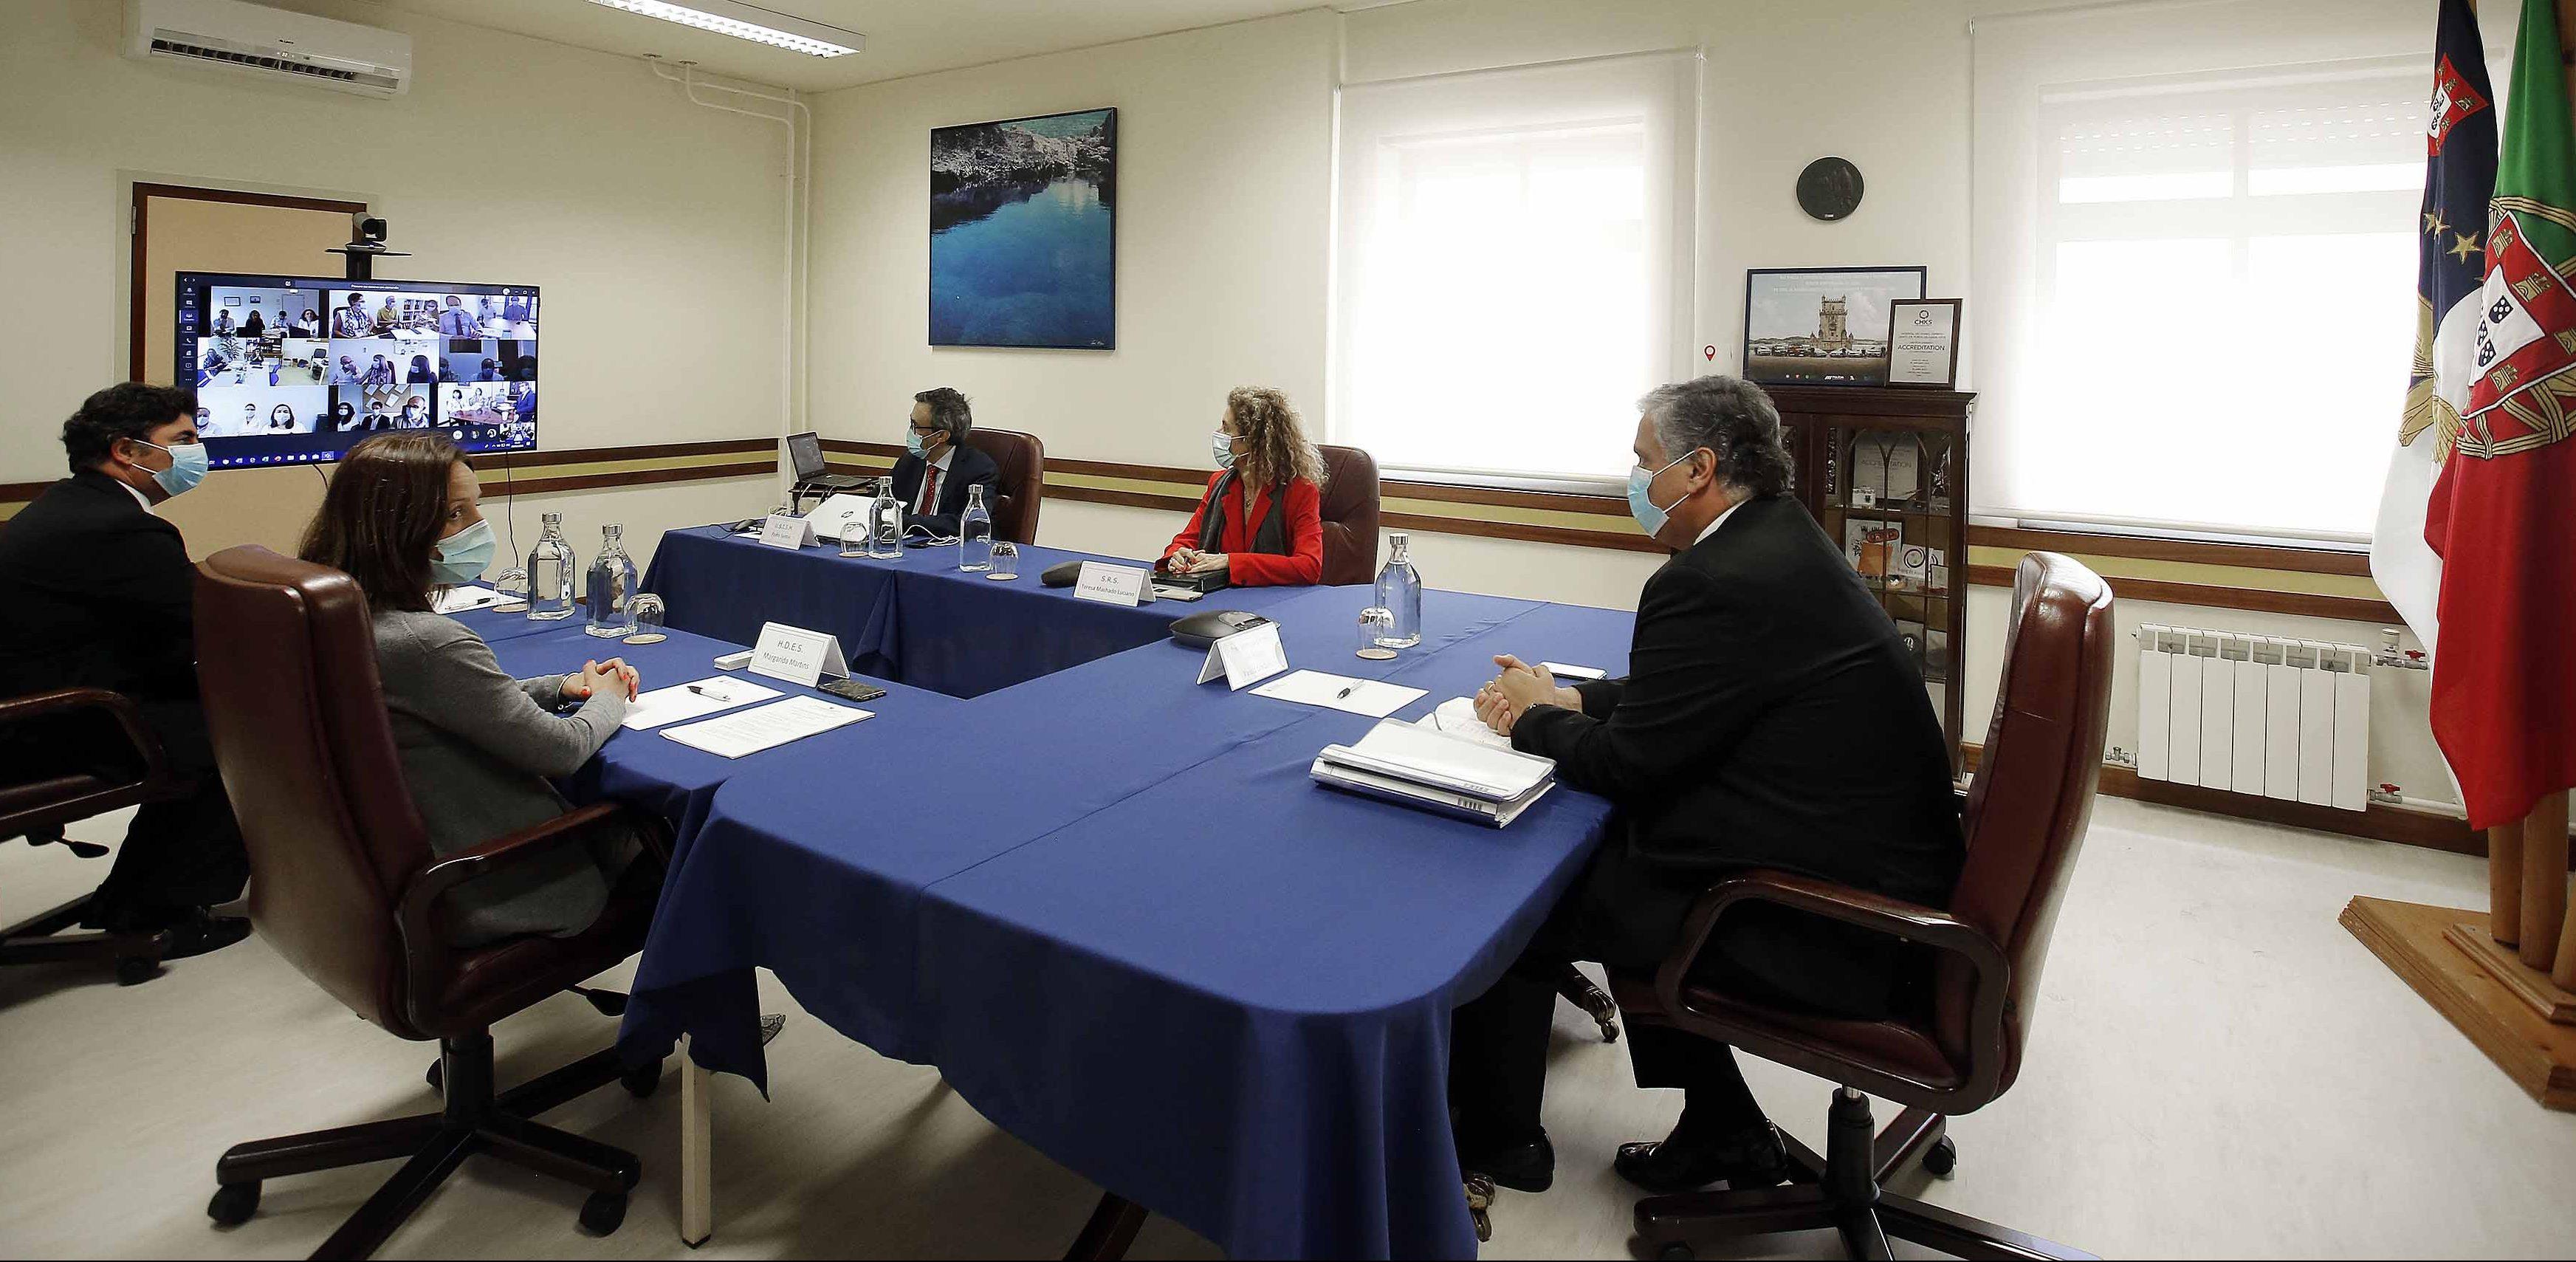 Serviço Regional de Saúde com reforço de 95 milhões de euros, anuncia Vasco Cordeiro